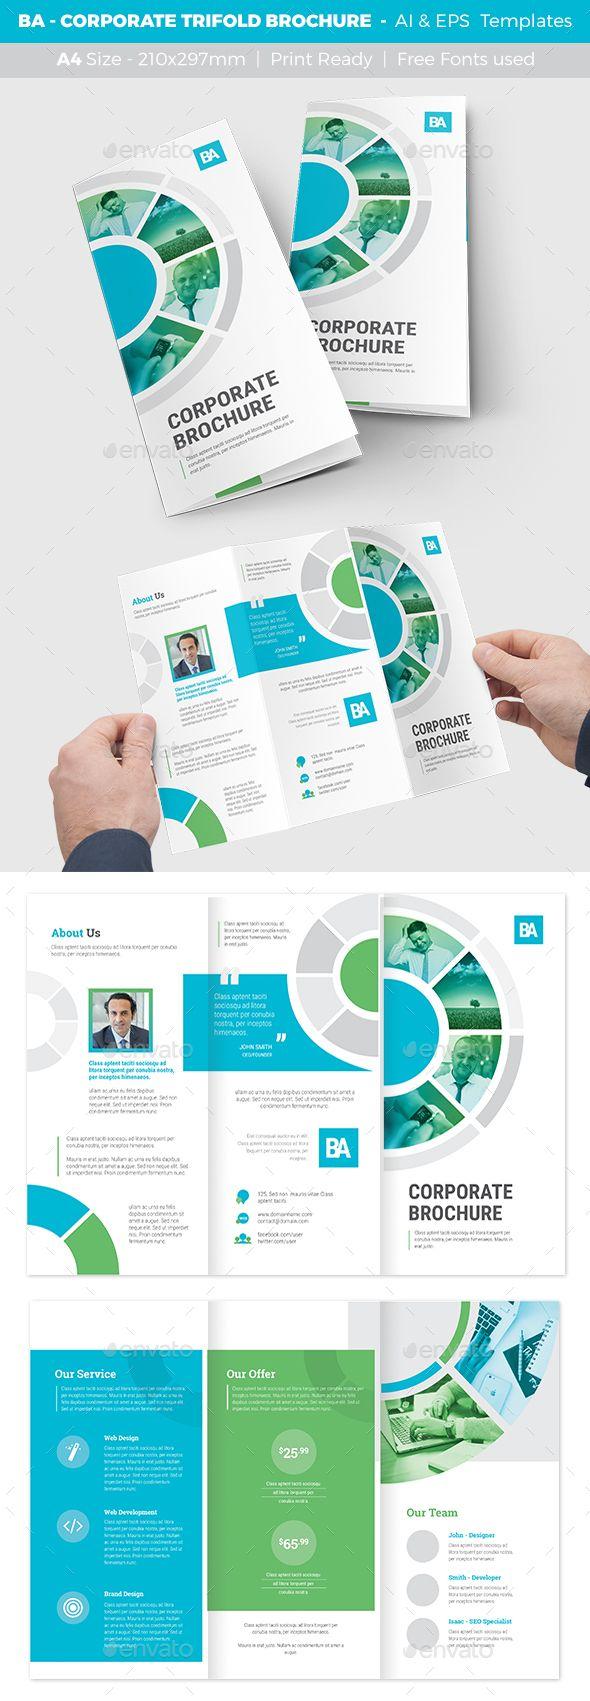 Fein Informative Broschüre Vorlage Fotos - Entry Level Resume ...